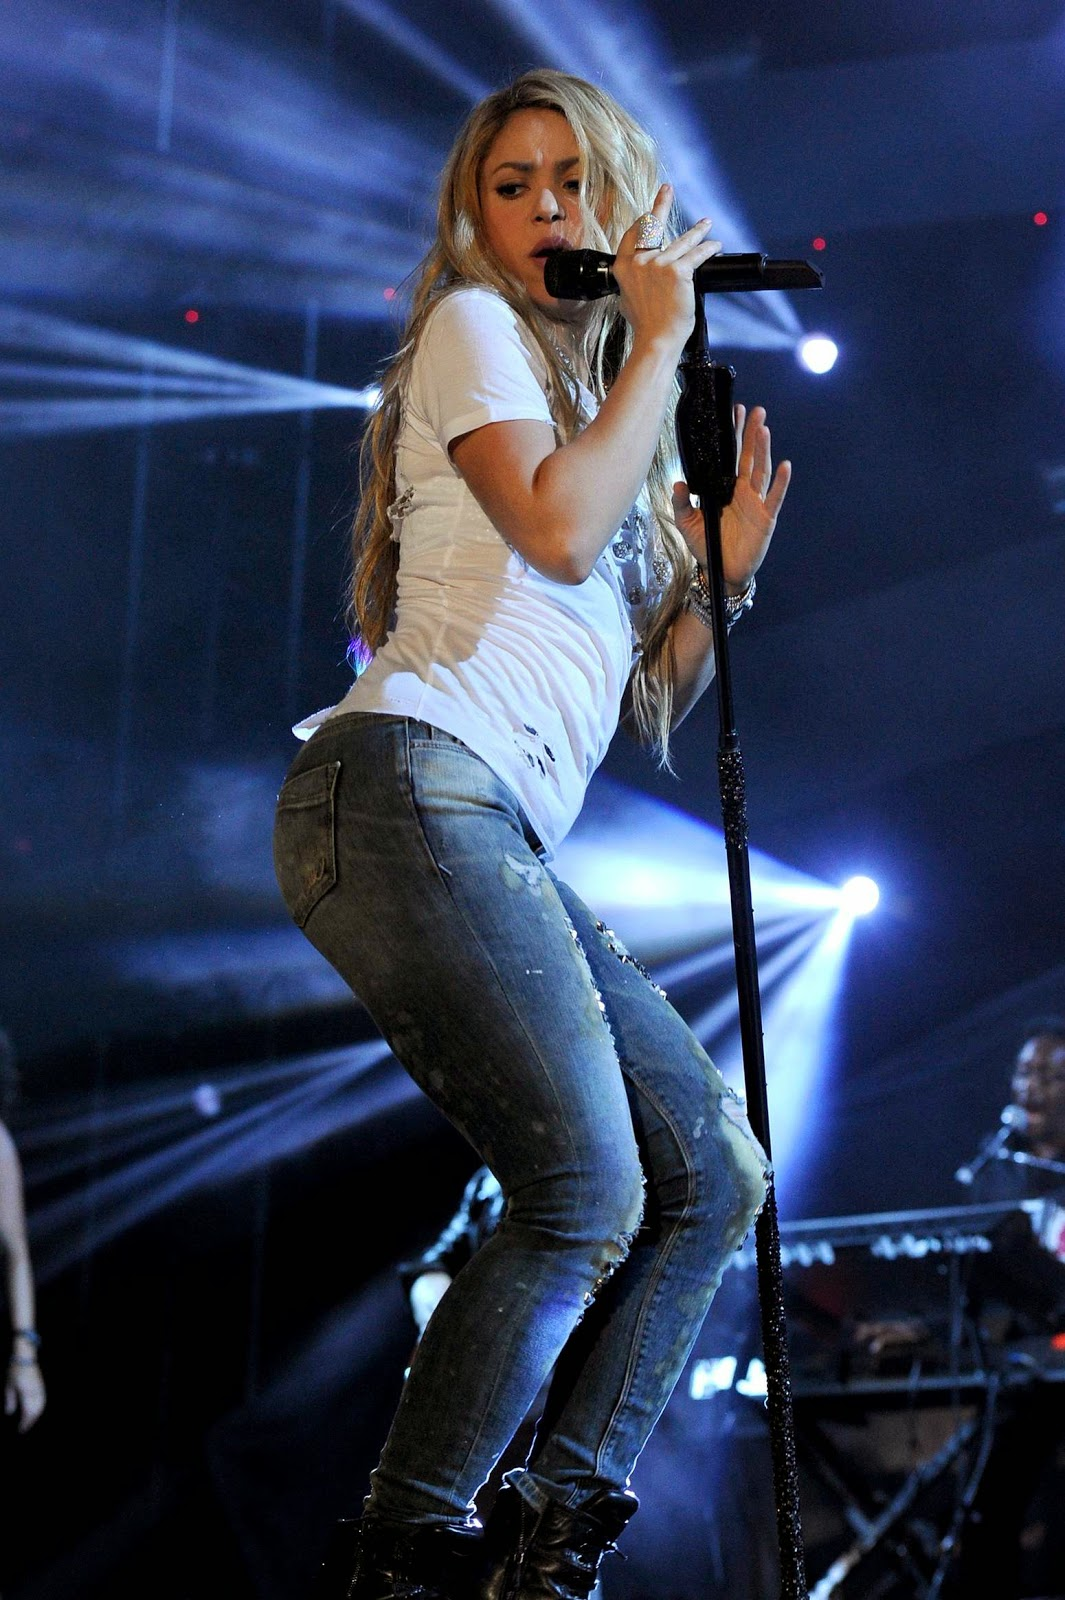 Camila cabello sexy dancing body rock live - 1 part 2